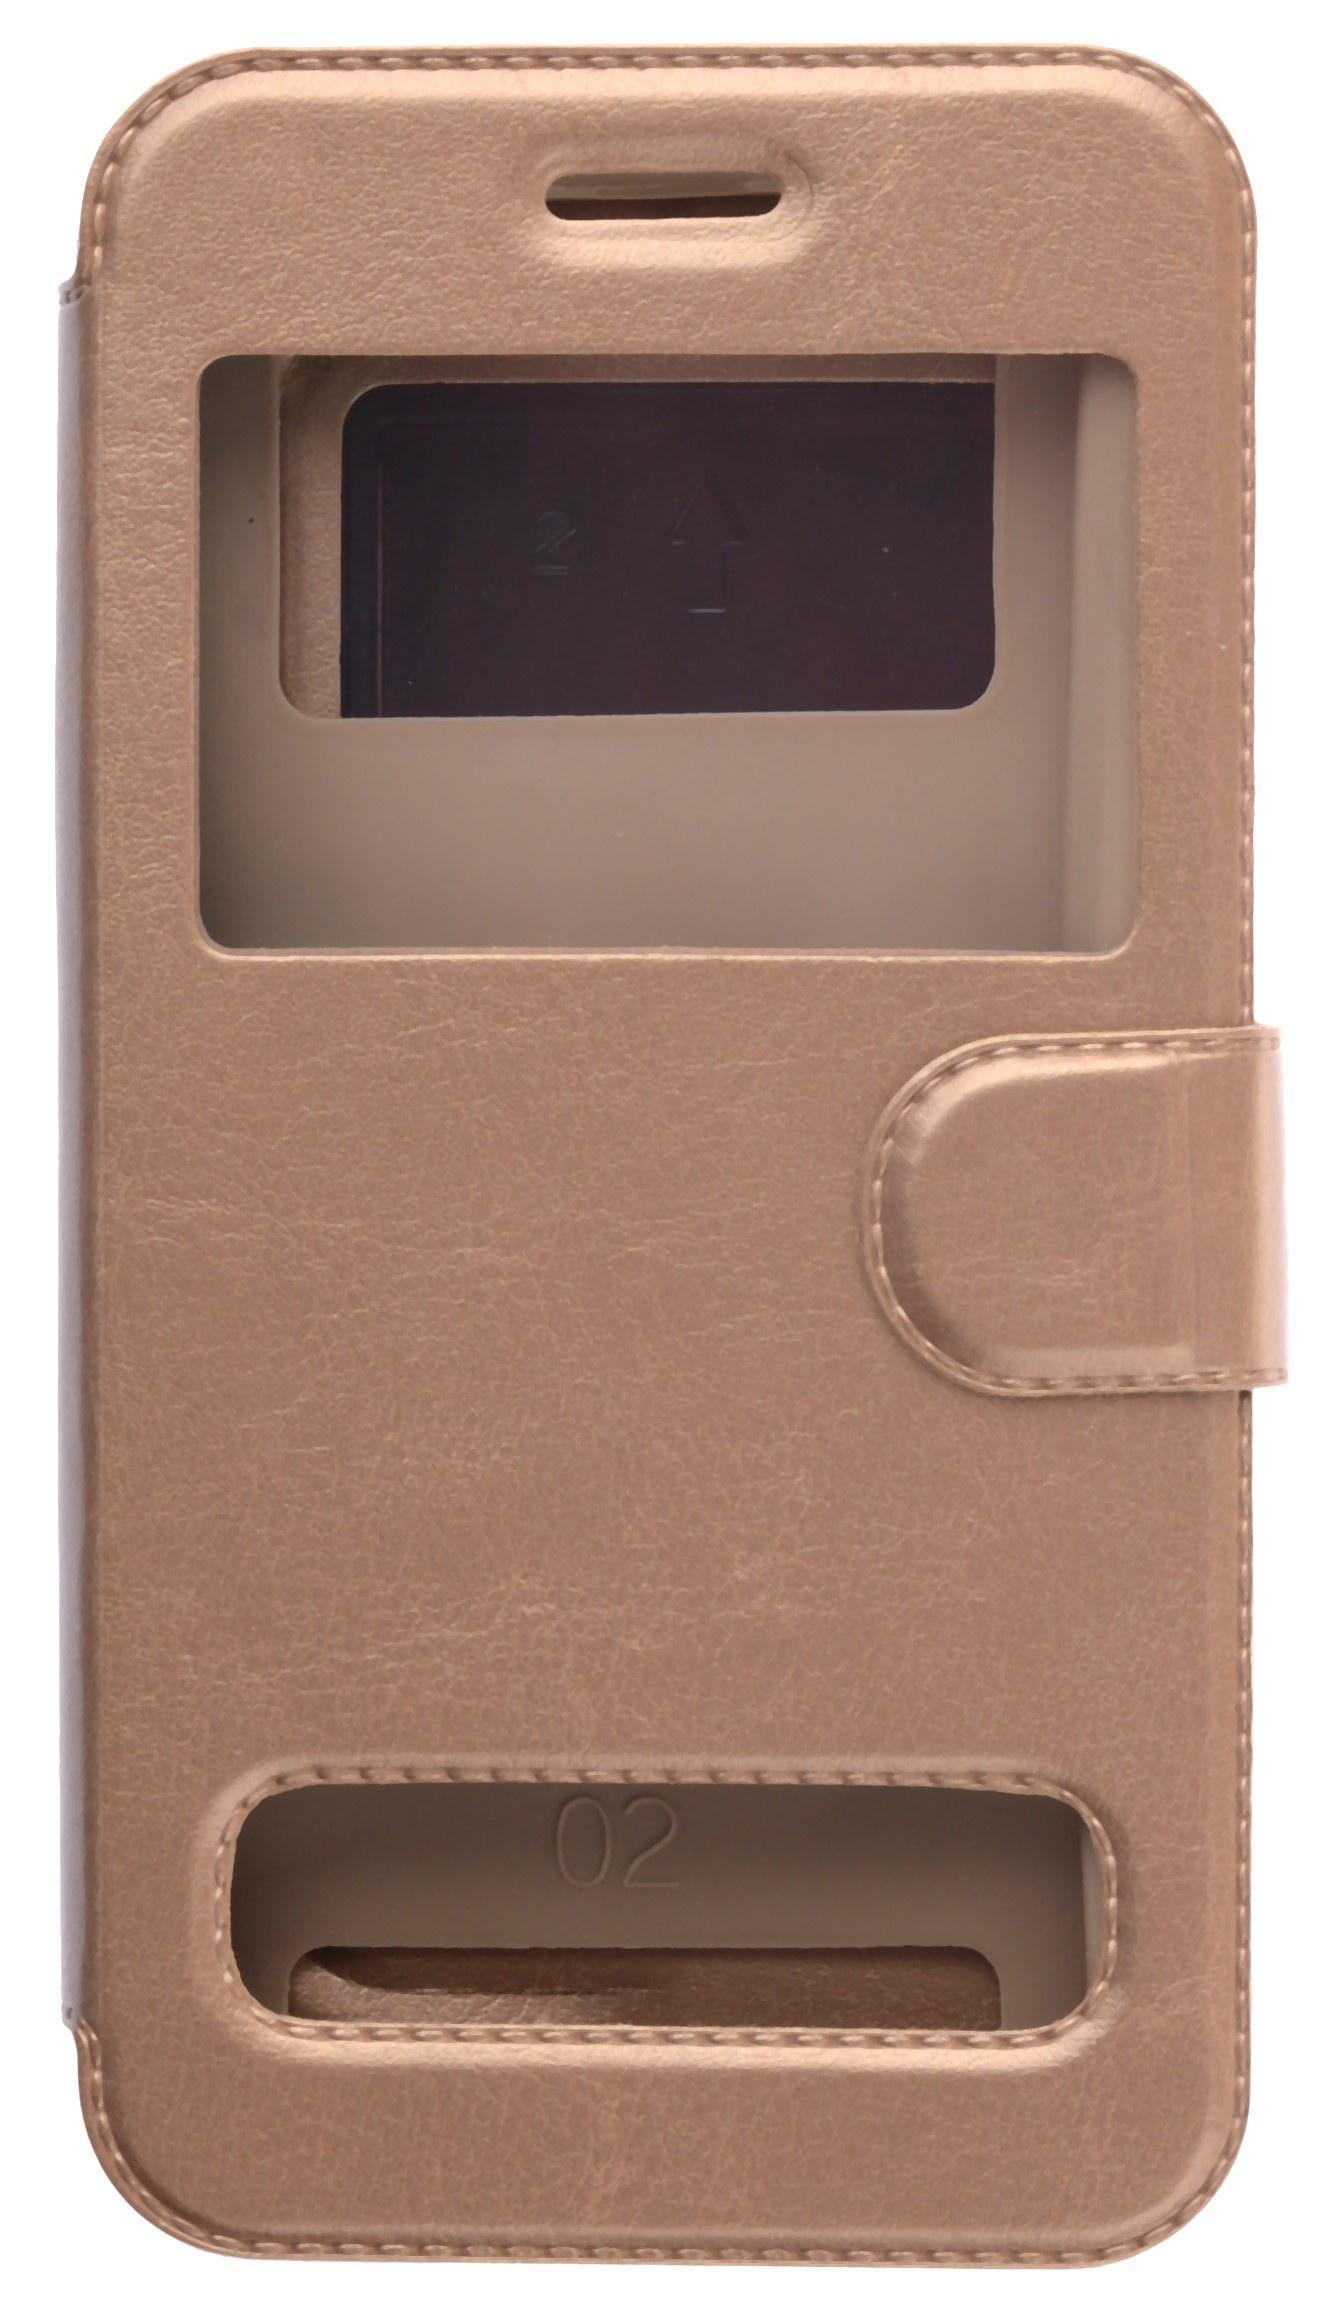 цена на Чехол для сотового телефона skinBOX Silicone Sticker 5, 4630042529571, золотой